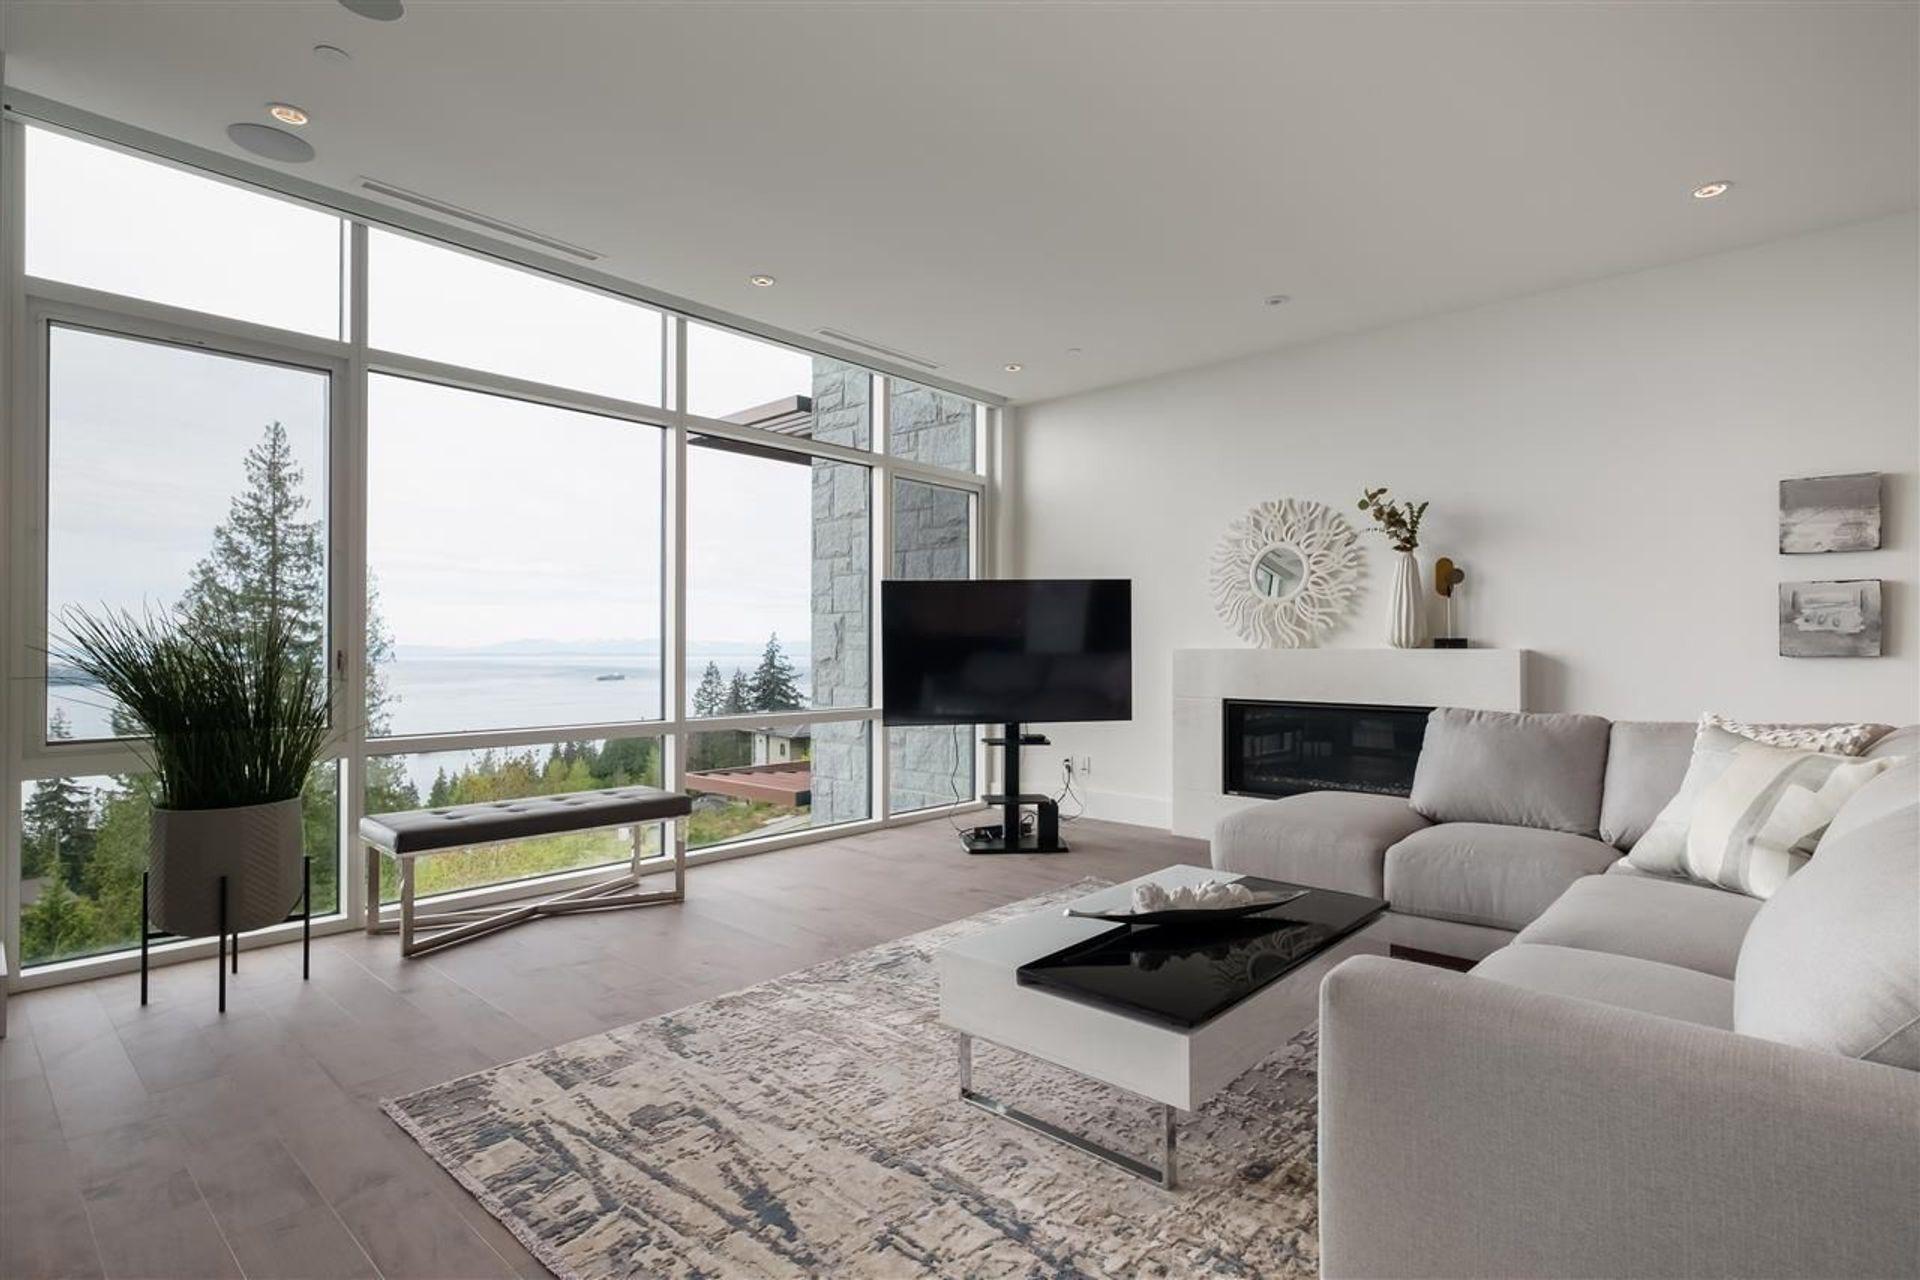 2958-burfield-place-cypress-park-estates-west-vancouver-11 at 302 - 2958 Burfield Place, Cypress Park Estates, West Vancouver